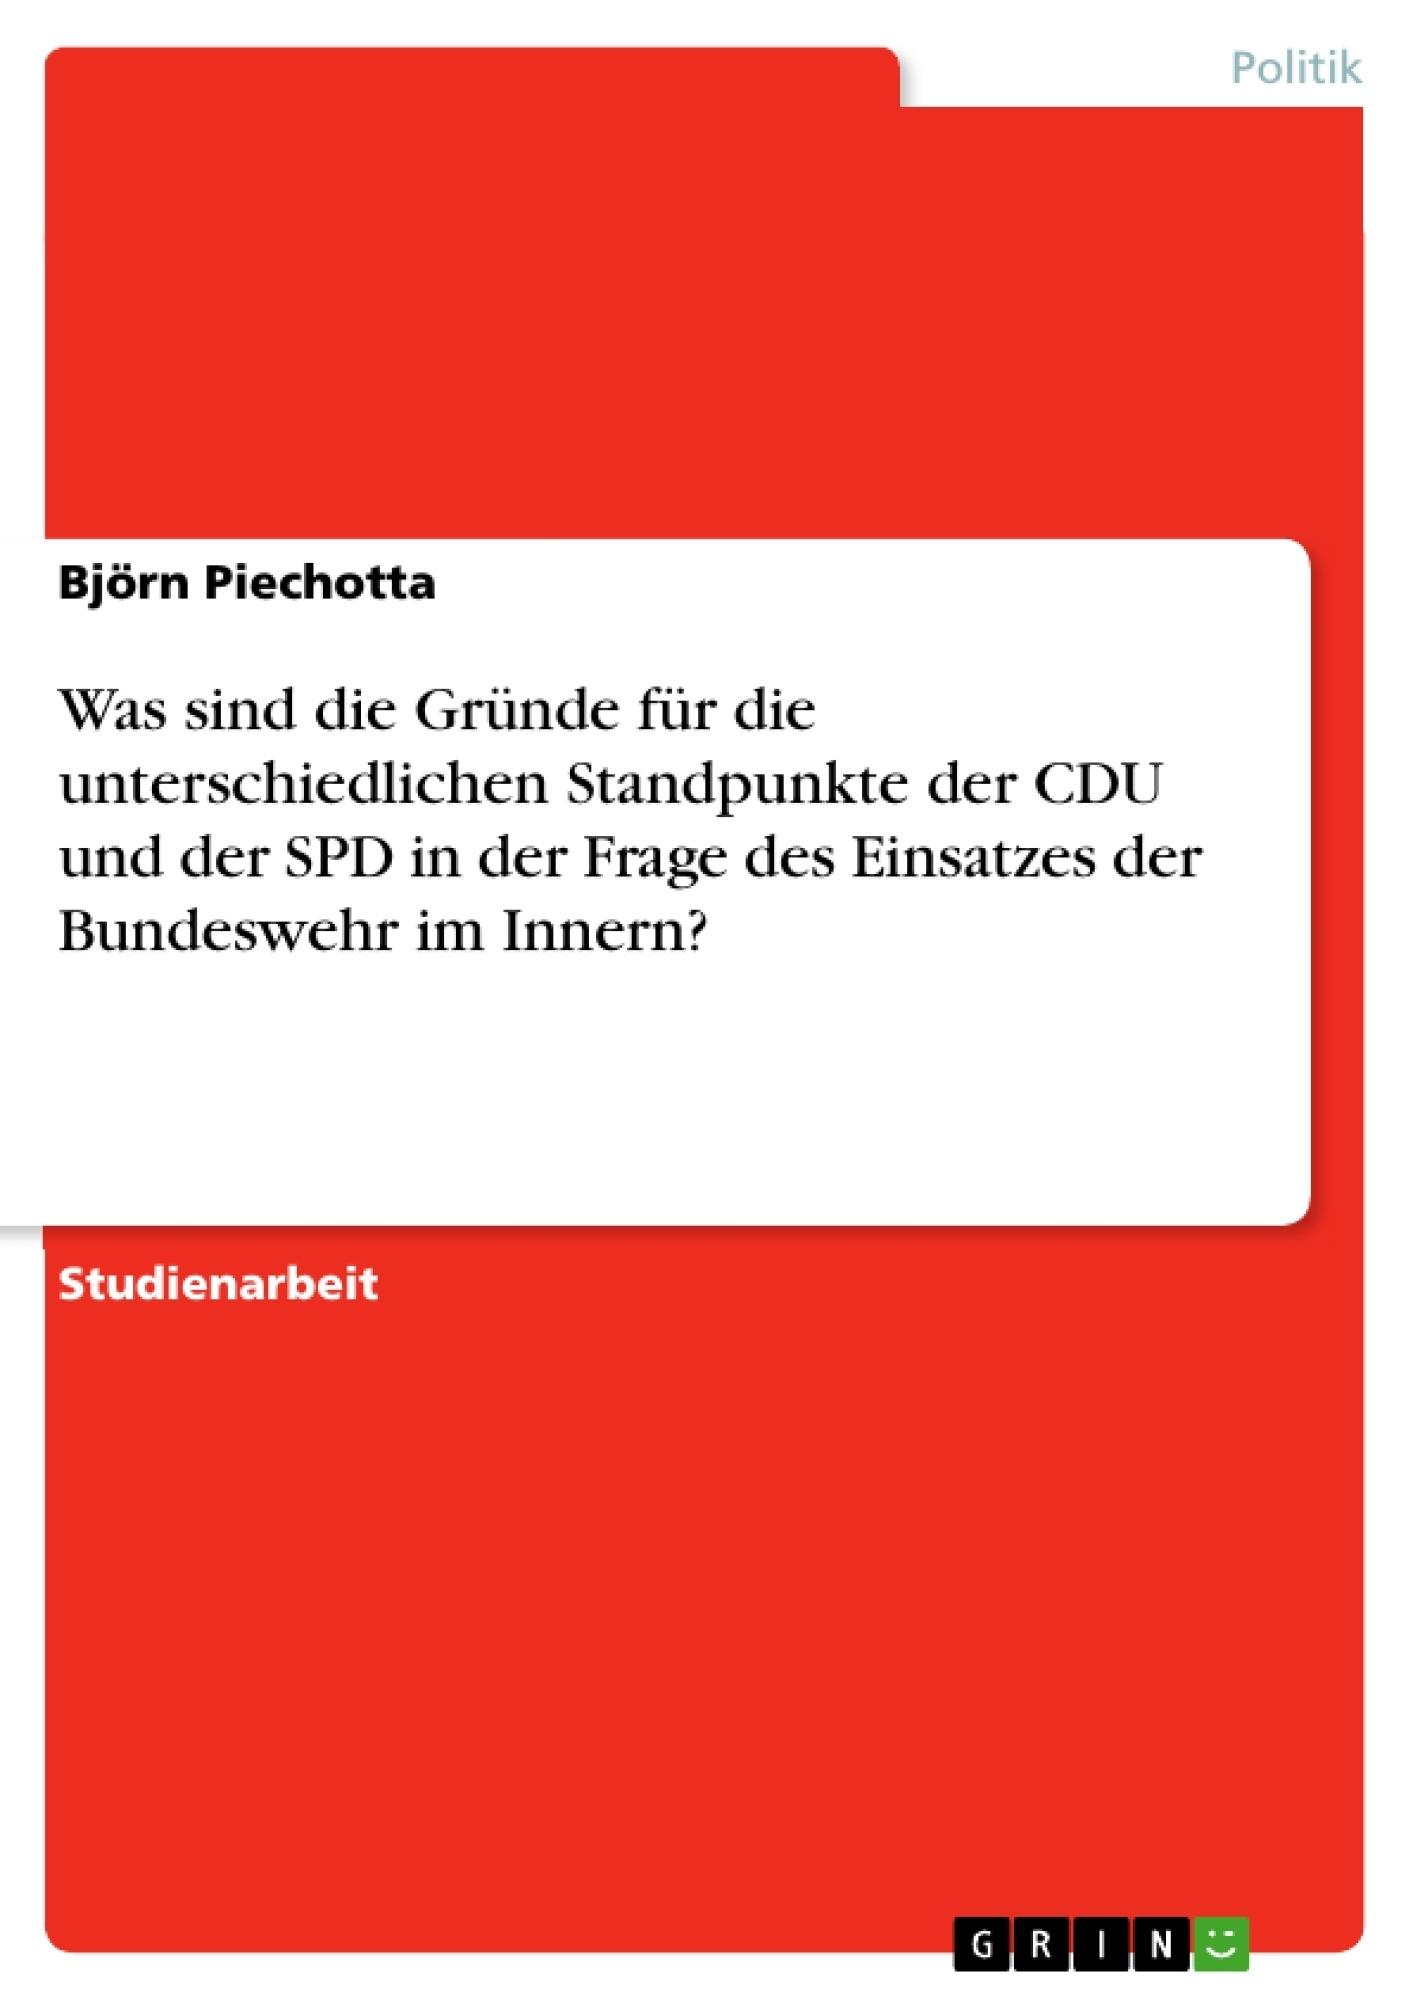 Titel: Was sind die Gründe für die unterschiedlichen Standpunkte der CDU und der SPD in der Frage des Einsatzes der Bundeswehr im Innern?